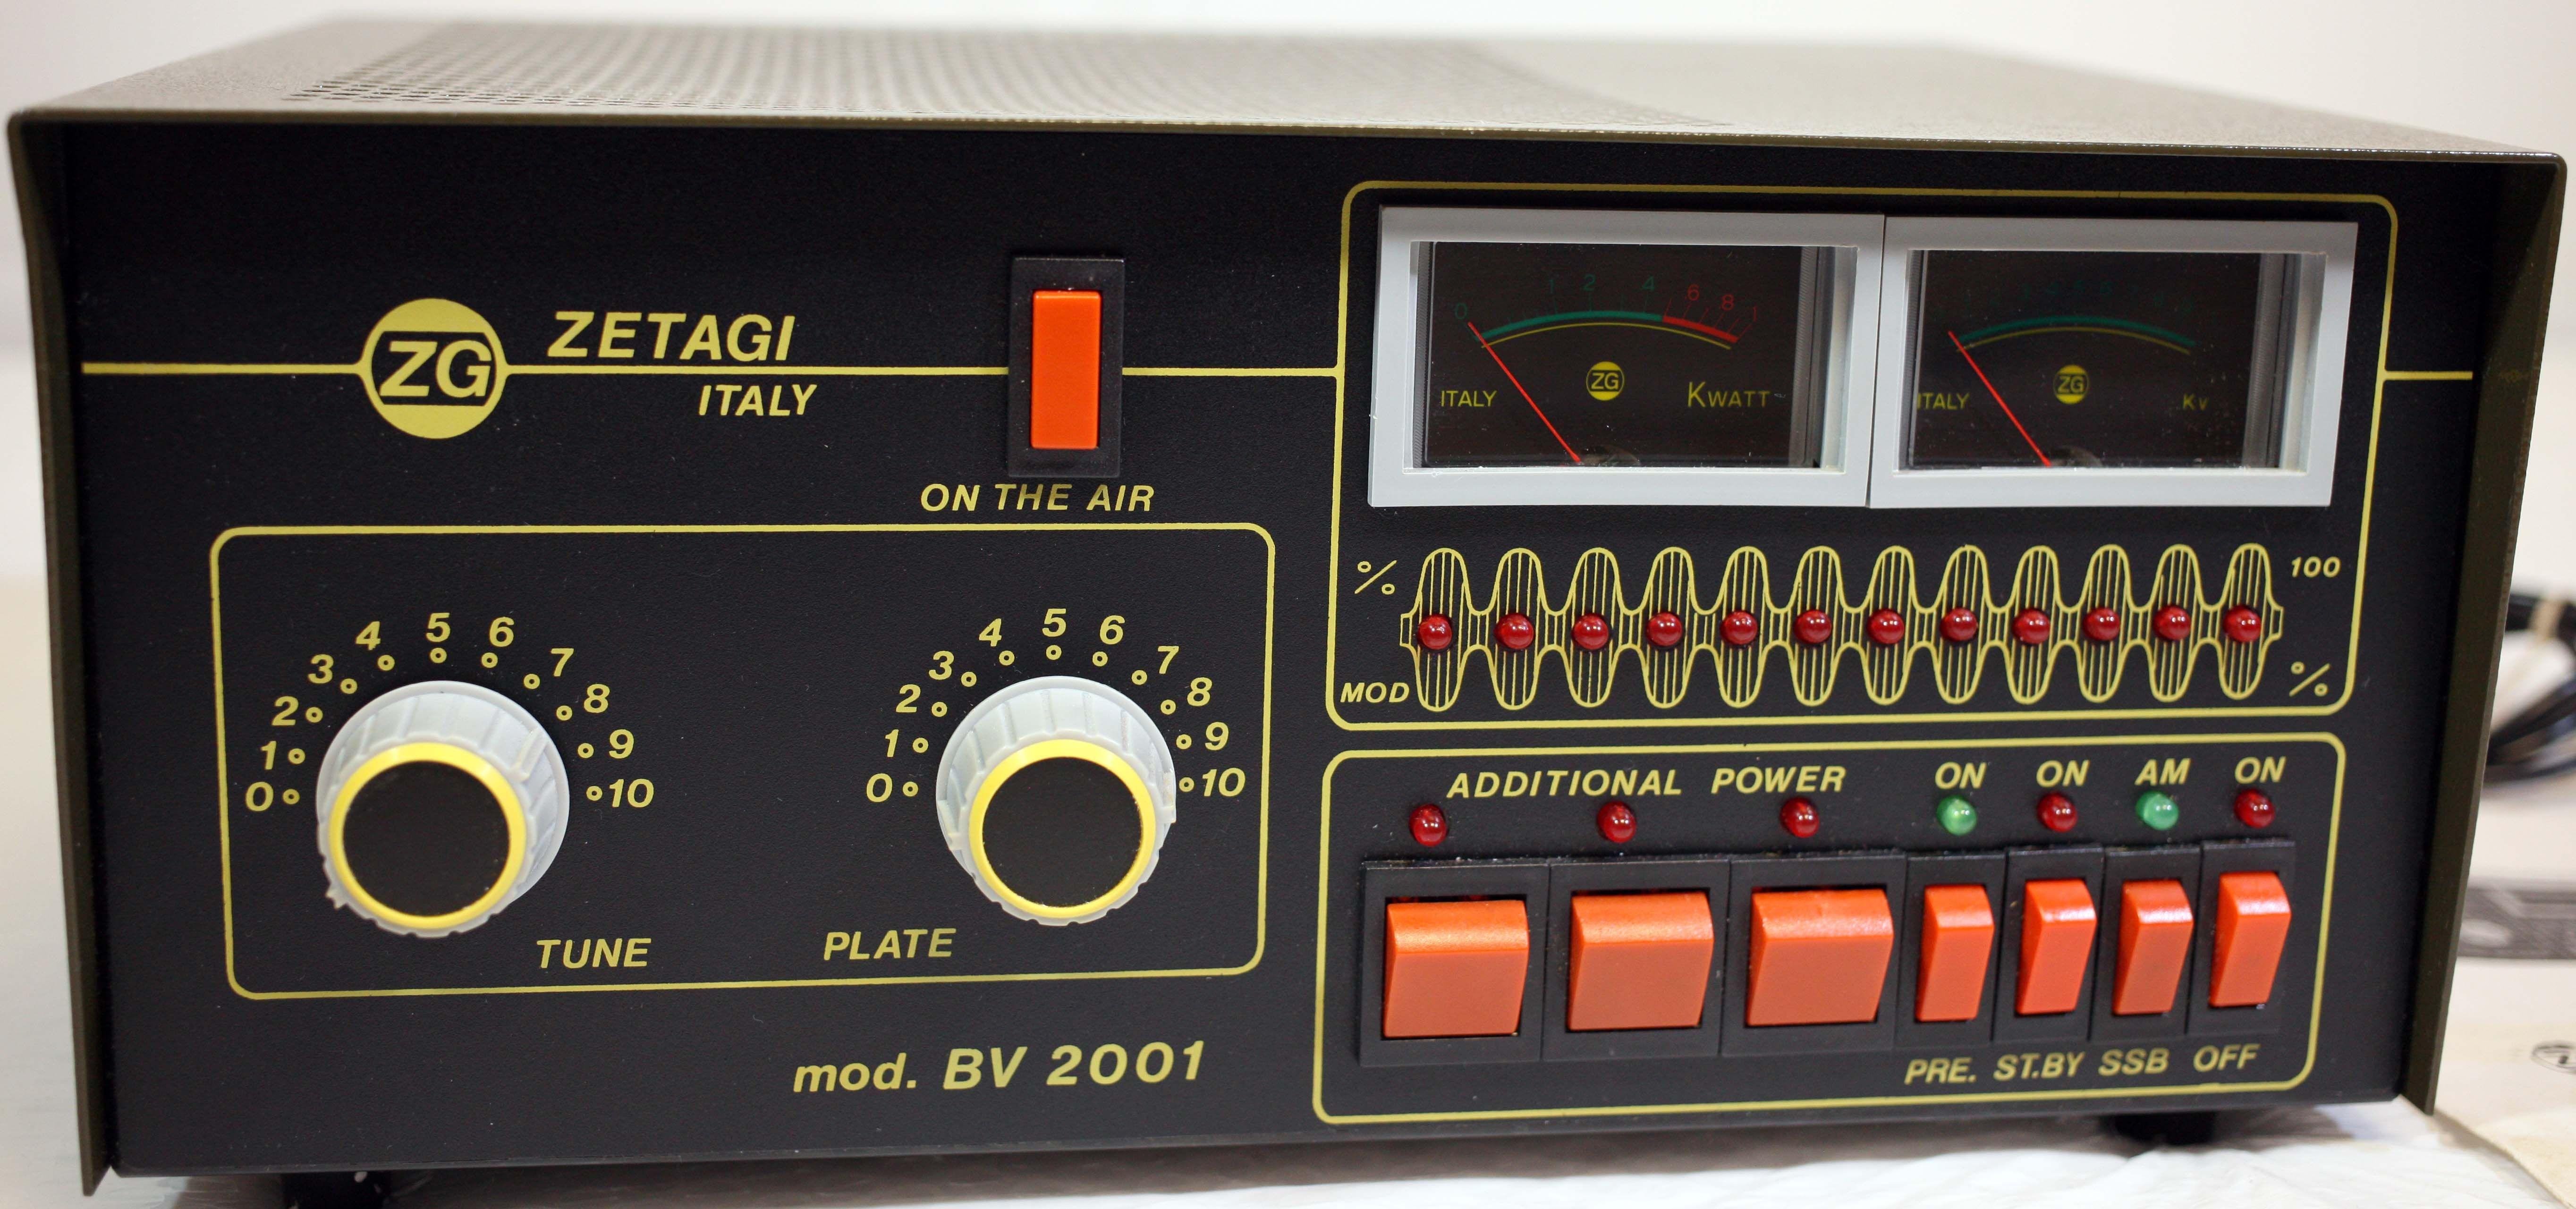 Zetagi Mod Bv 2001 Hf Linear Power Amplifier Power Amplifiers Amplifier Power